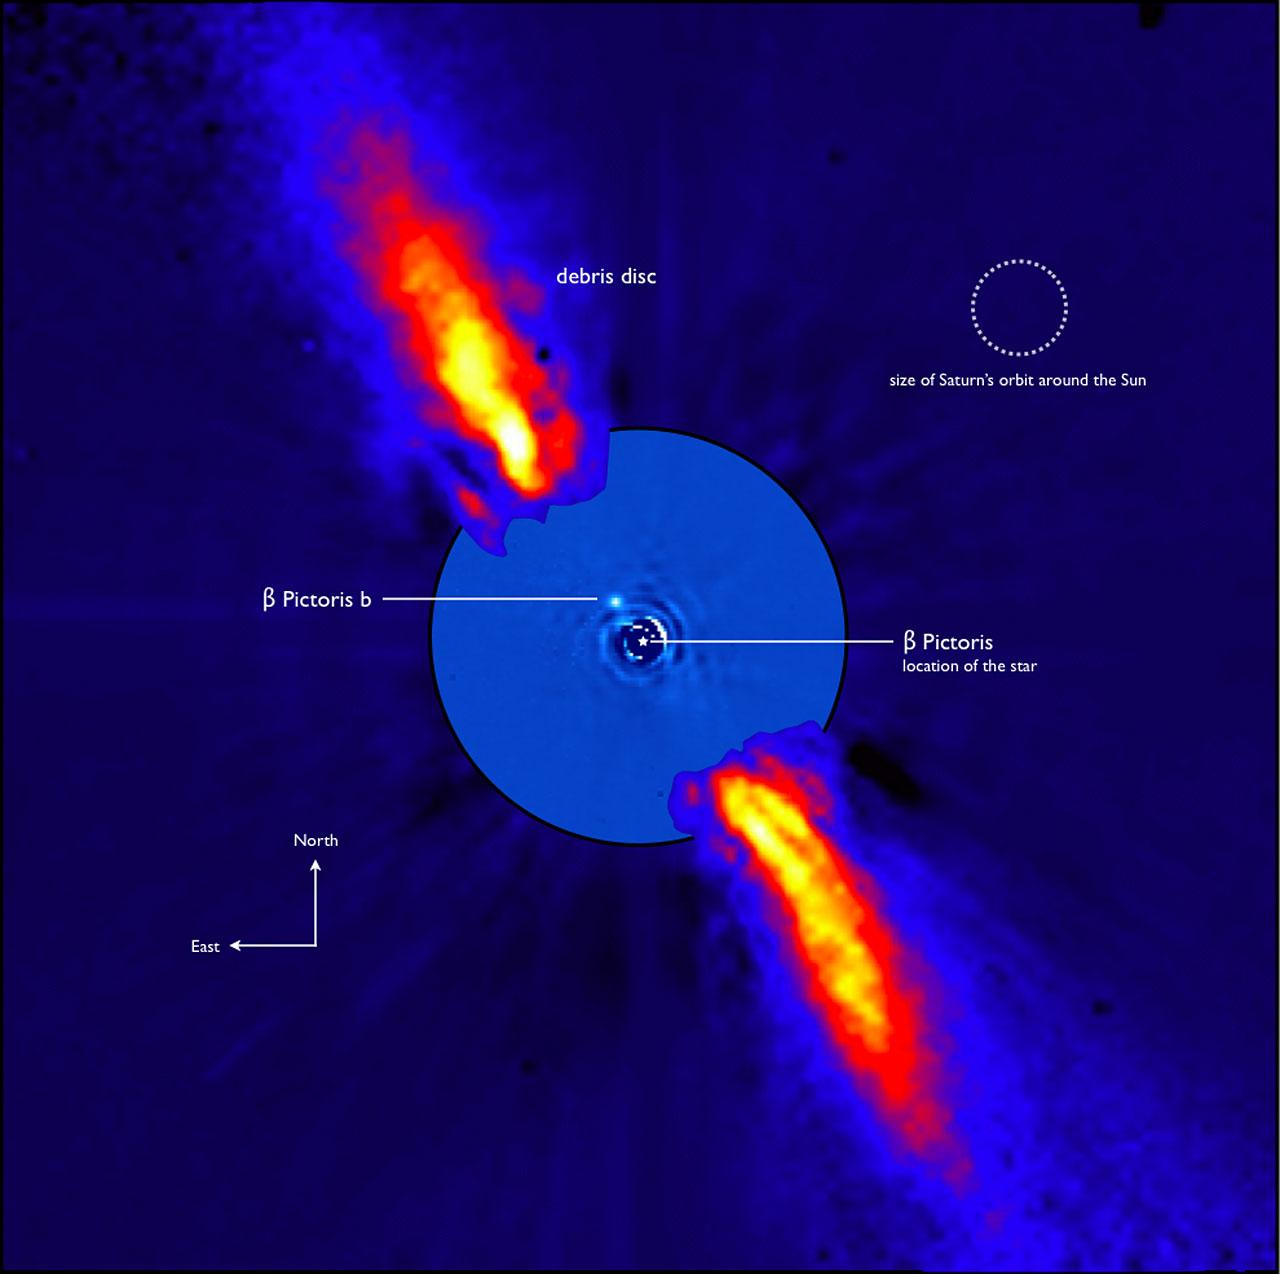 Découverte d'une exoplanète autour de l'étoile Beta Pictoris